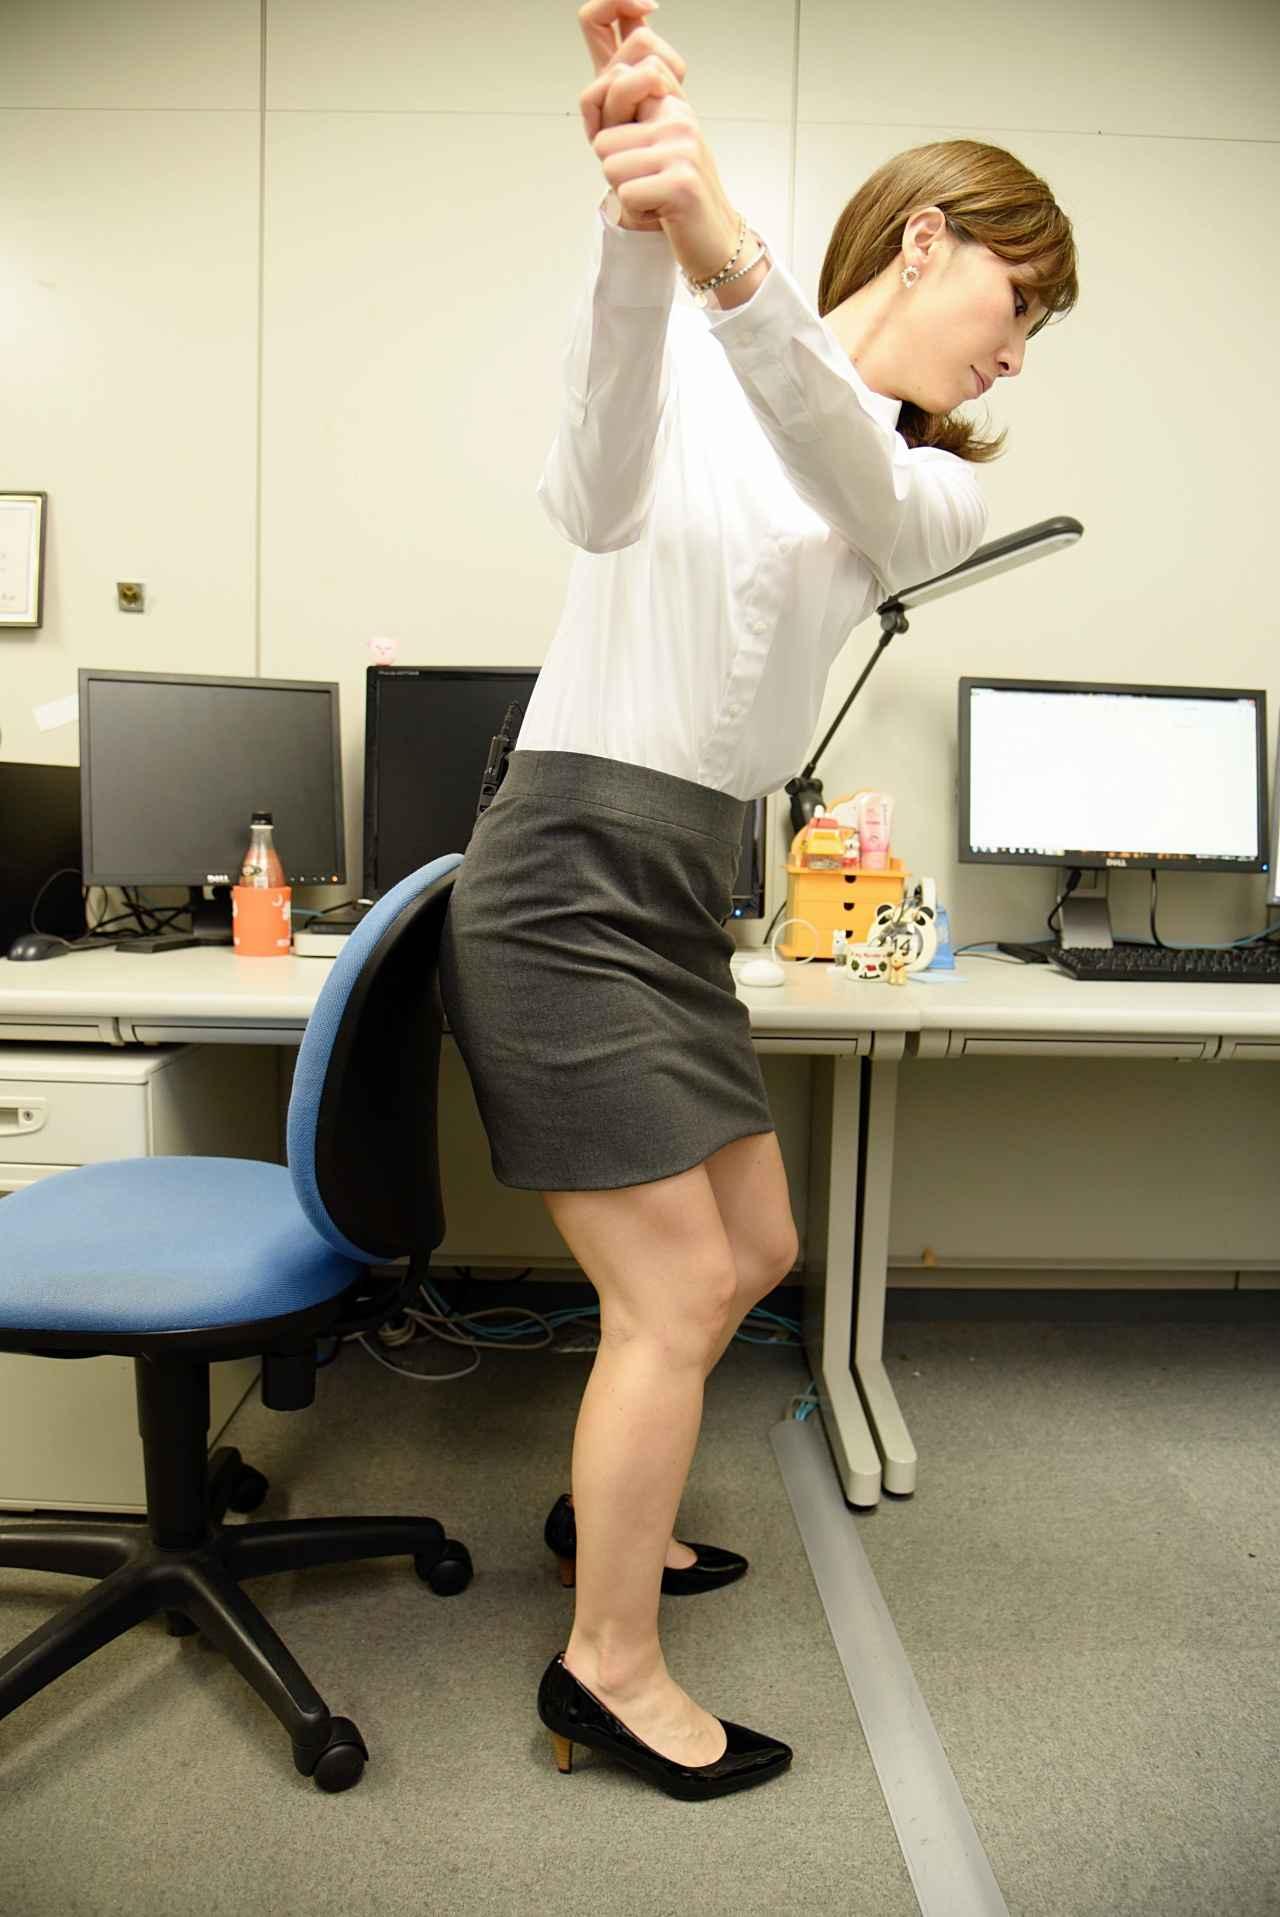 画像2: 美女レッスン@オフィス! 椅子にお尻をつけて、前傾角度をキープしよう